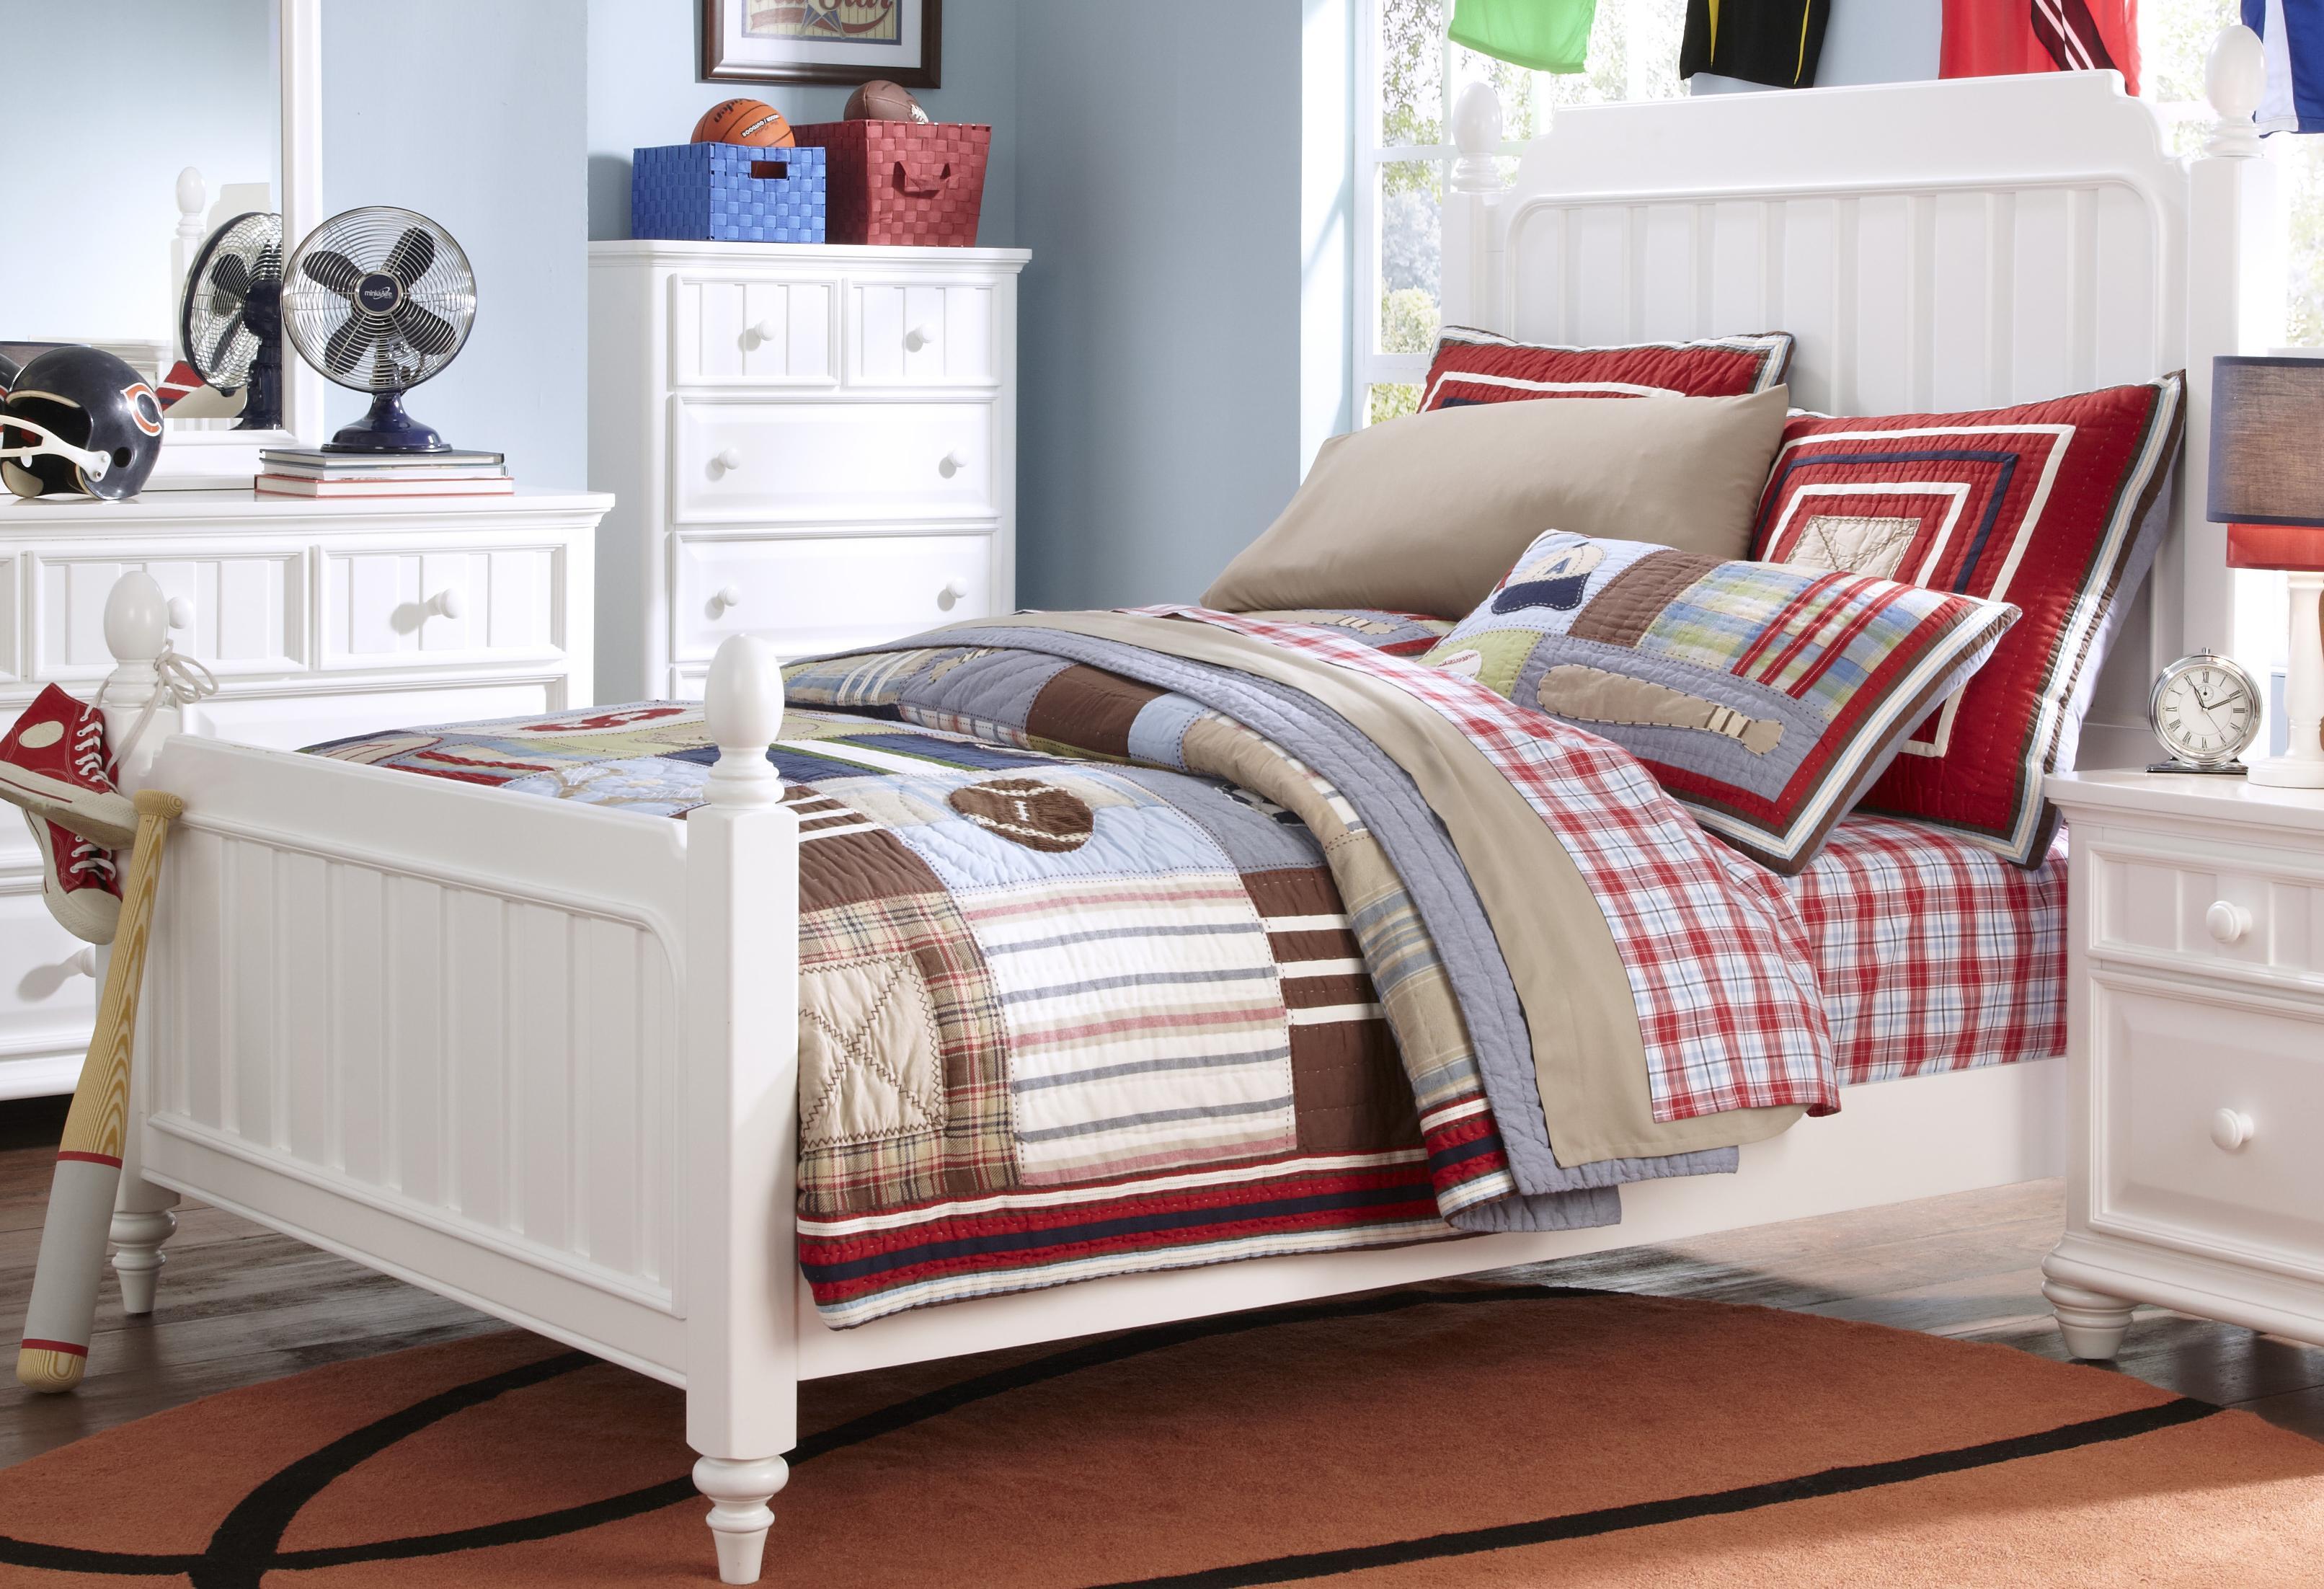 Morris Home Furnishings Shelbourne Shelbourne Full Poster Bed - Item Number: 8466-632+633+401+SLATR-46